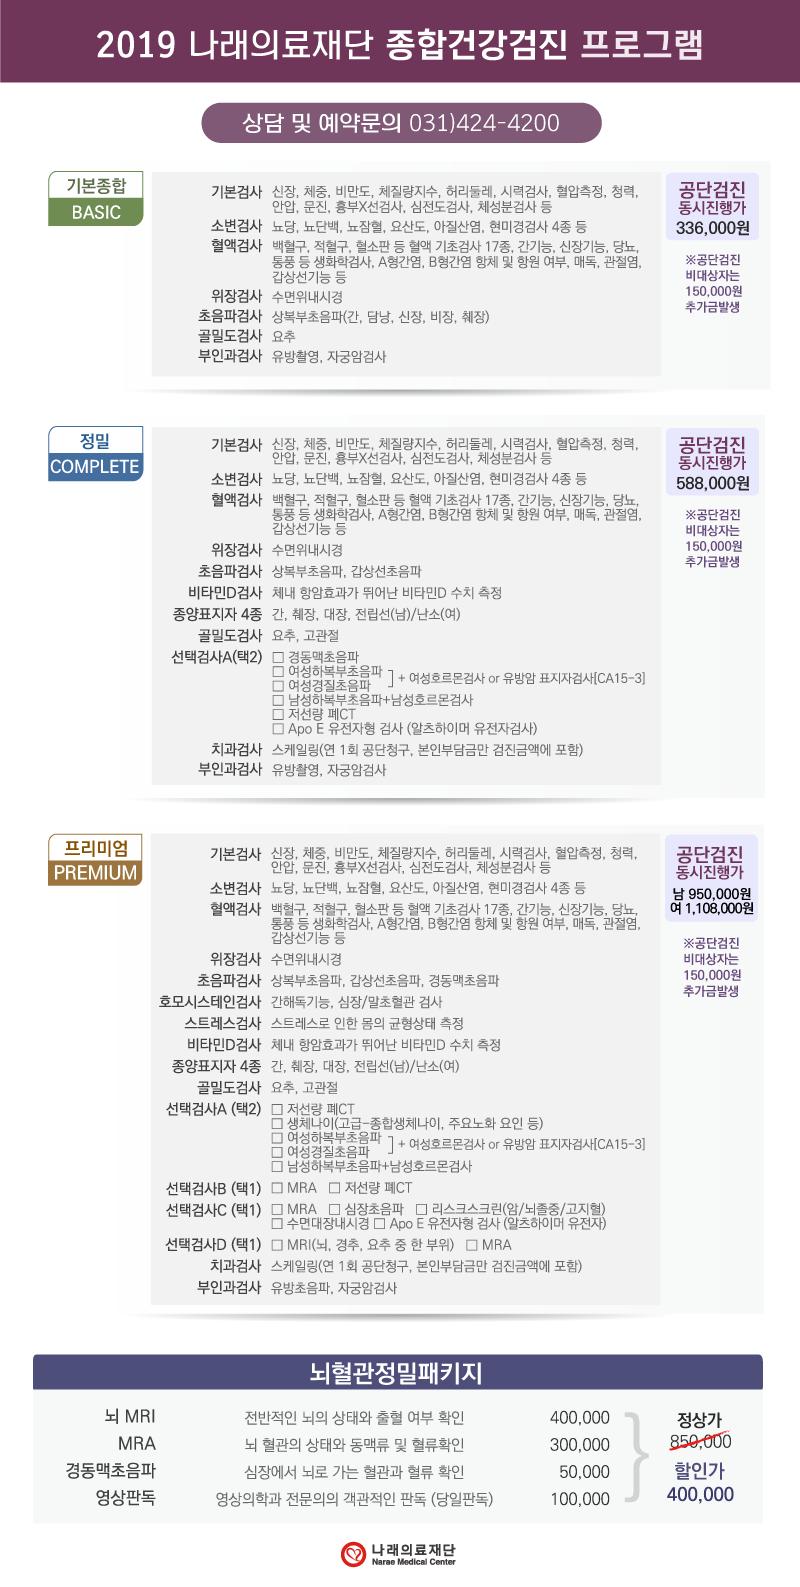 2019년-종합검진-clean-ver_온라인용.png